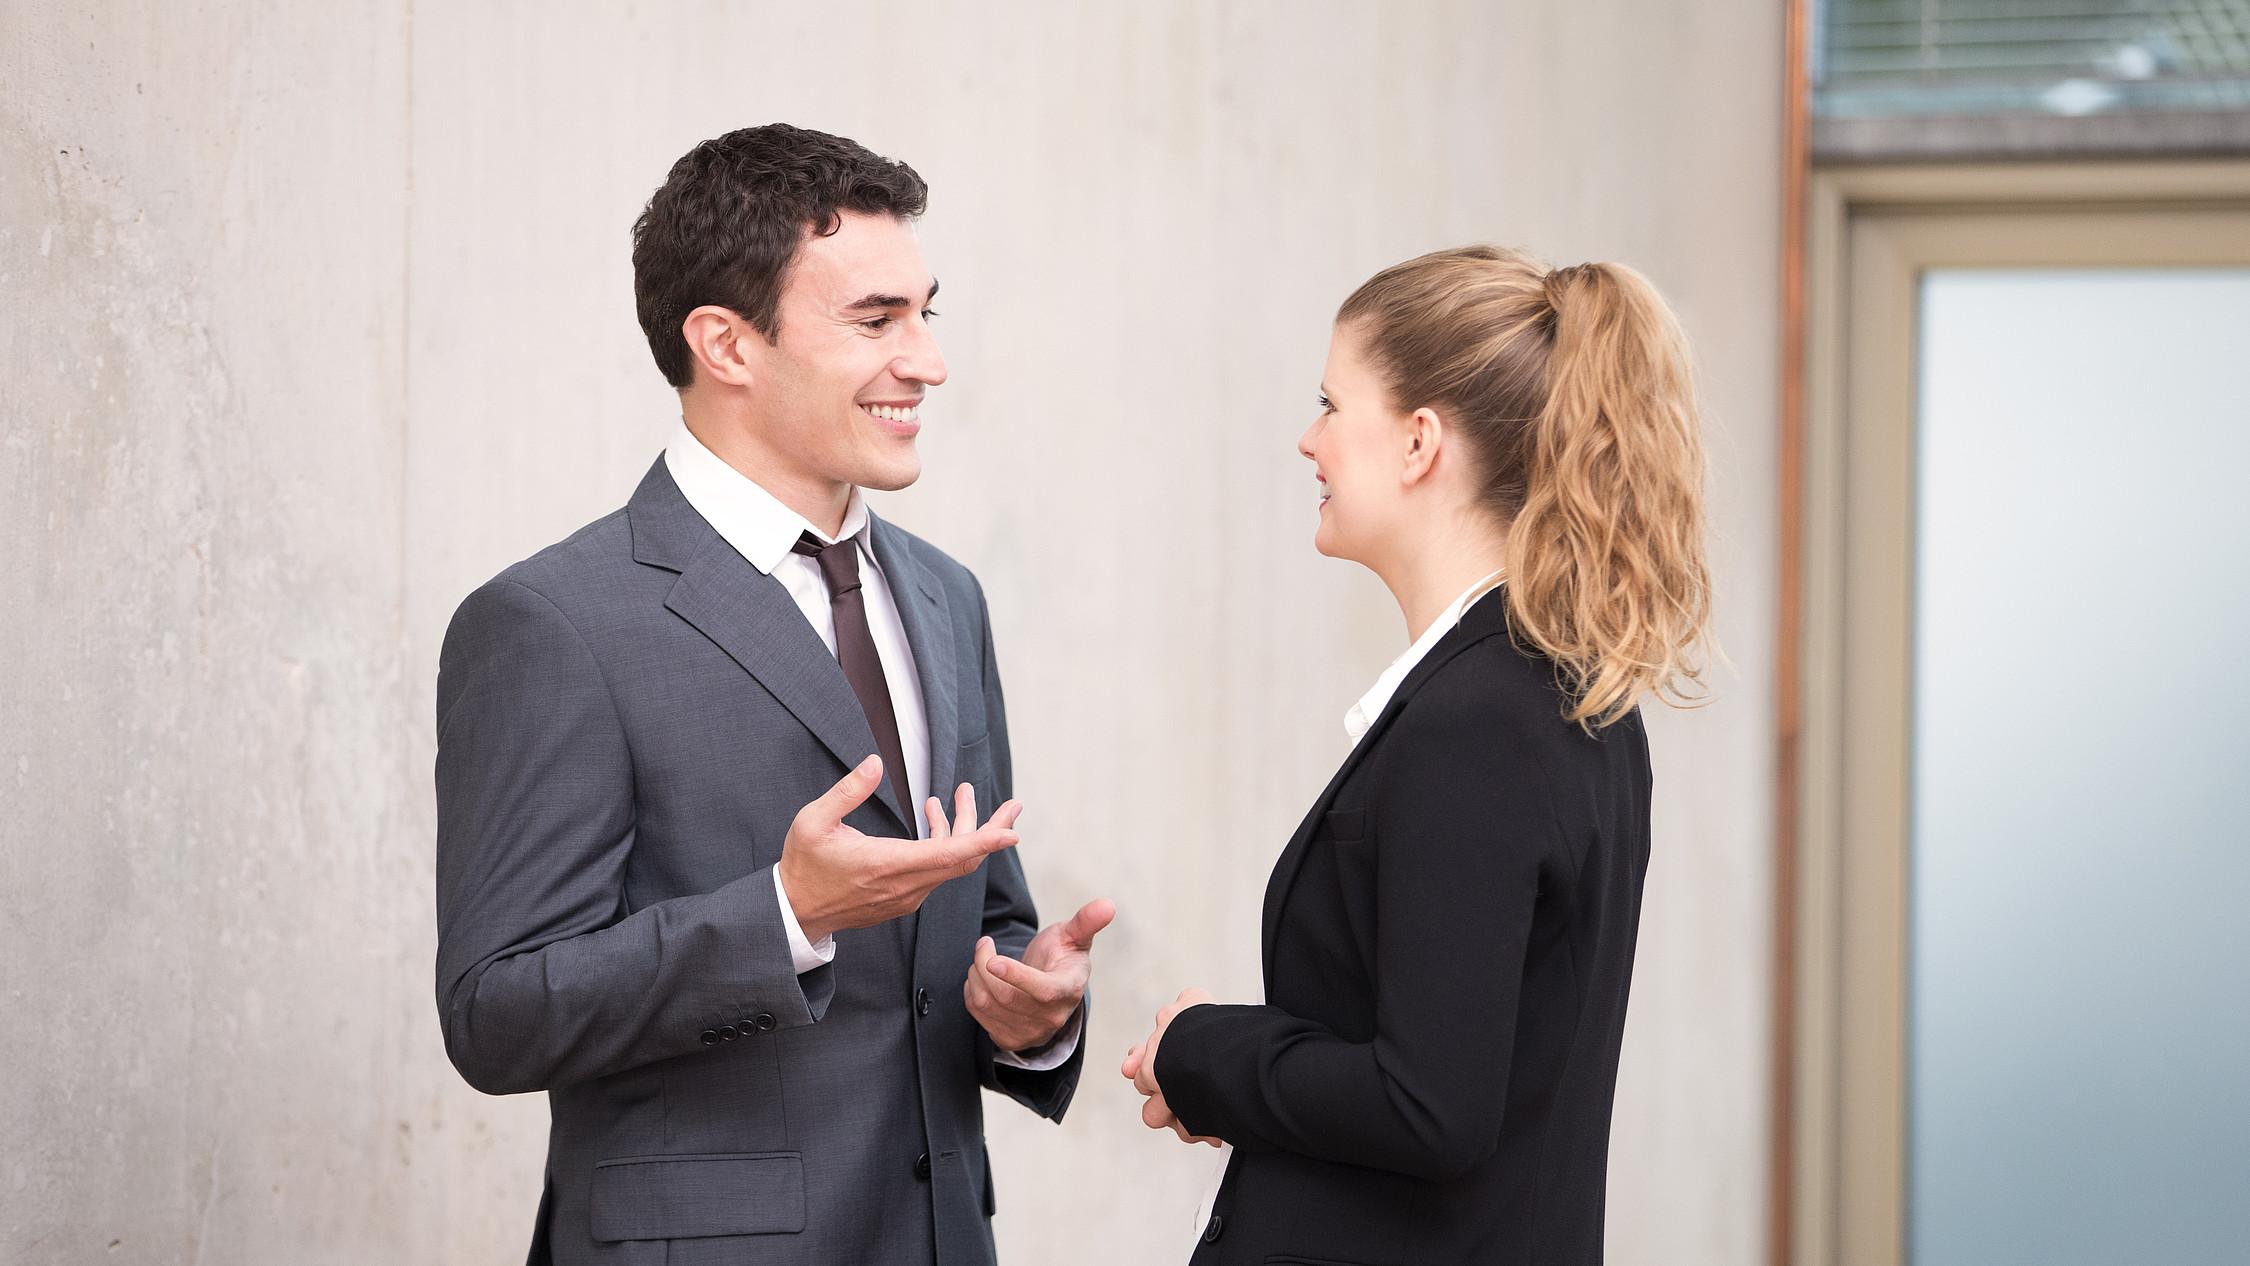 Finanzberater: Frau und Mann unterhalten sich